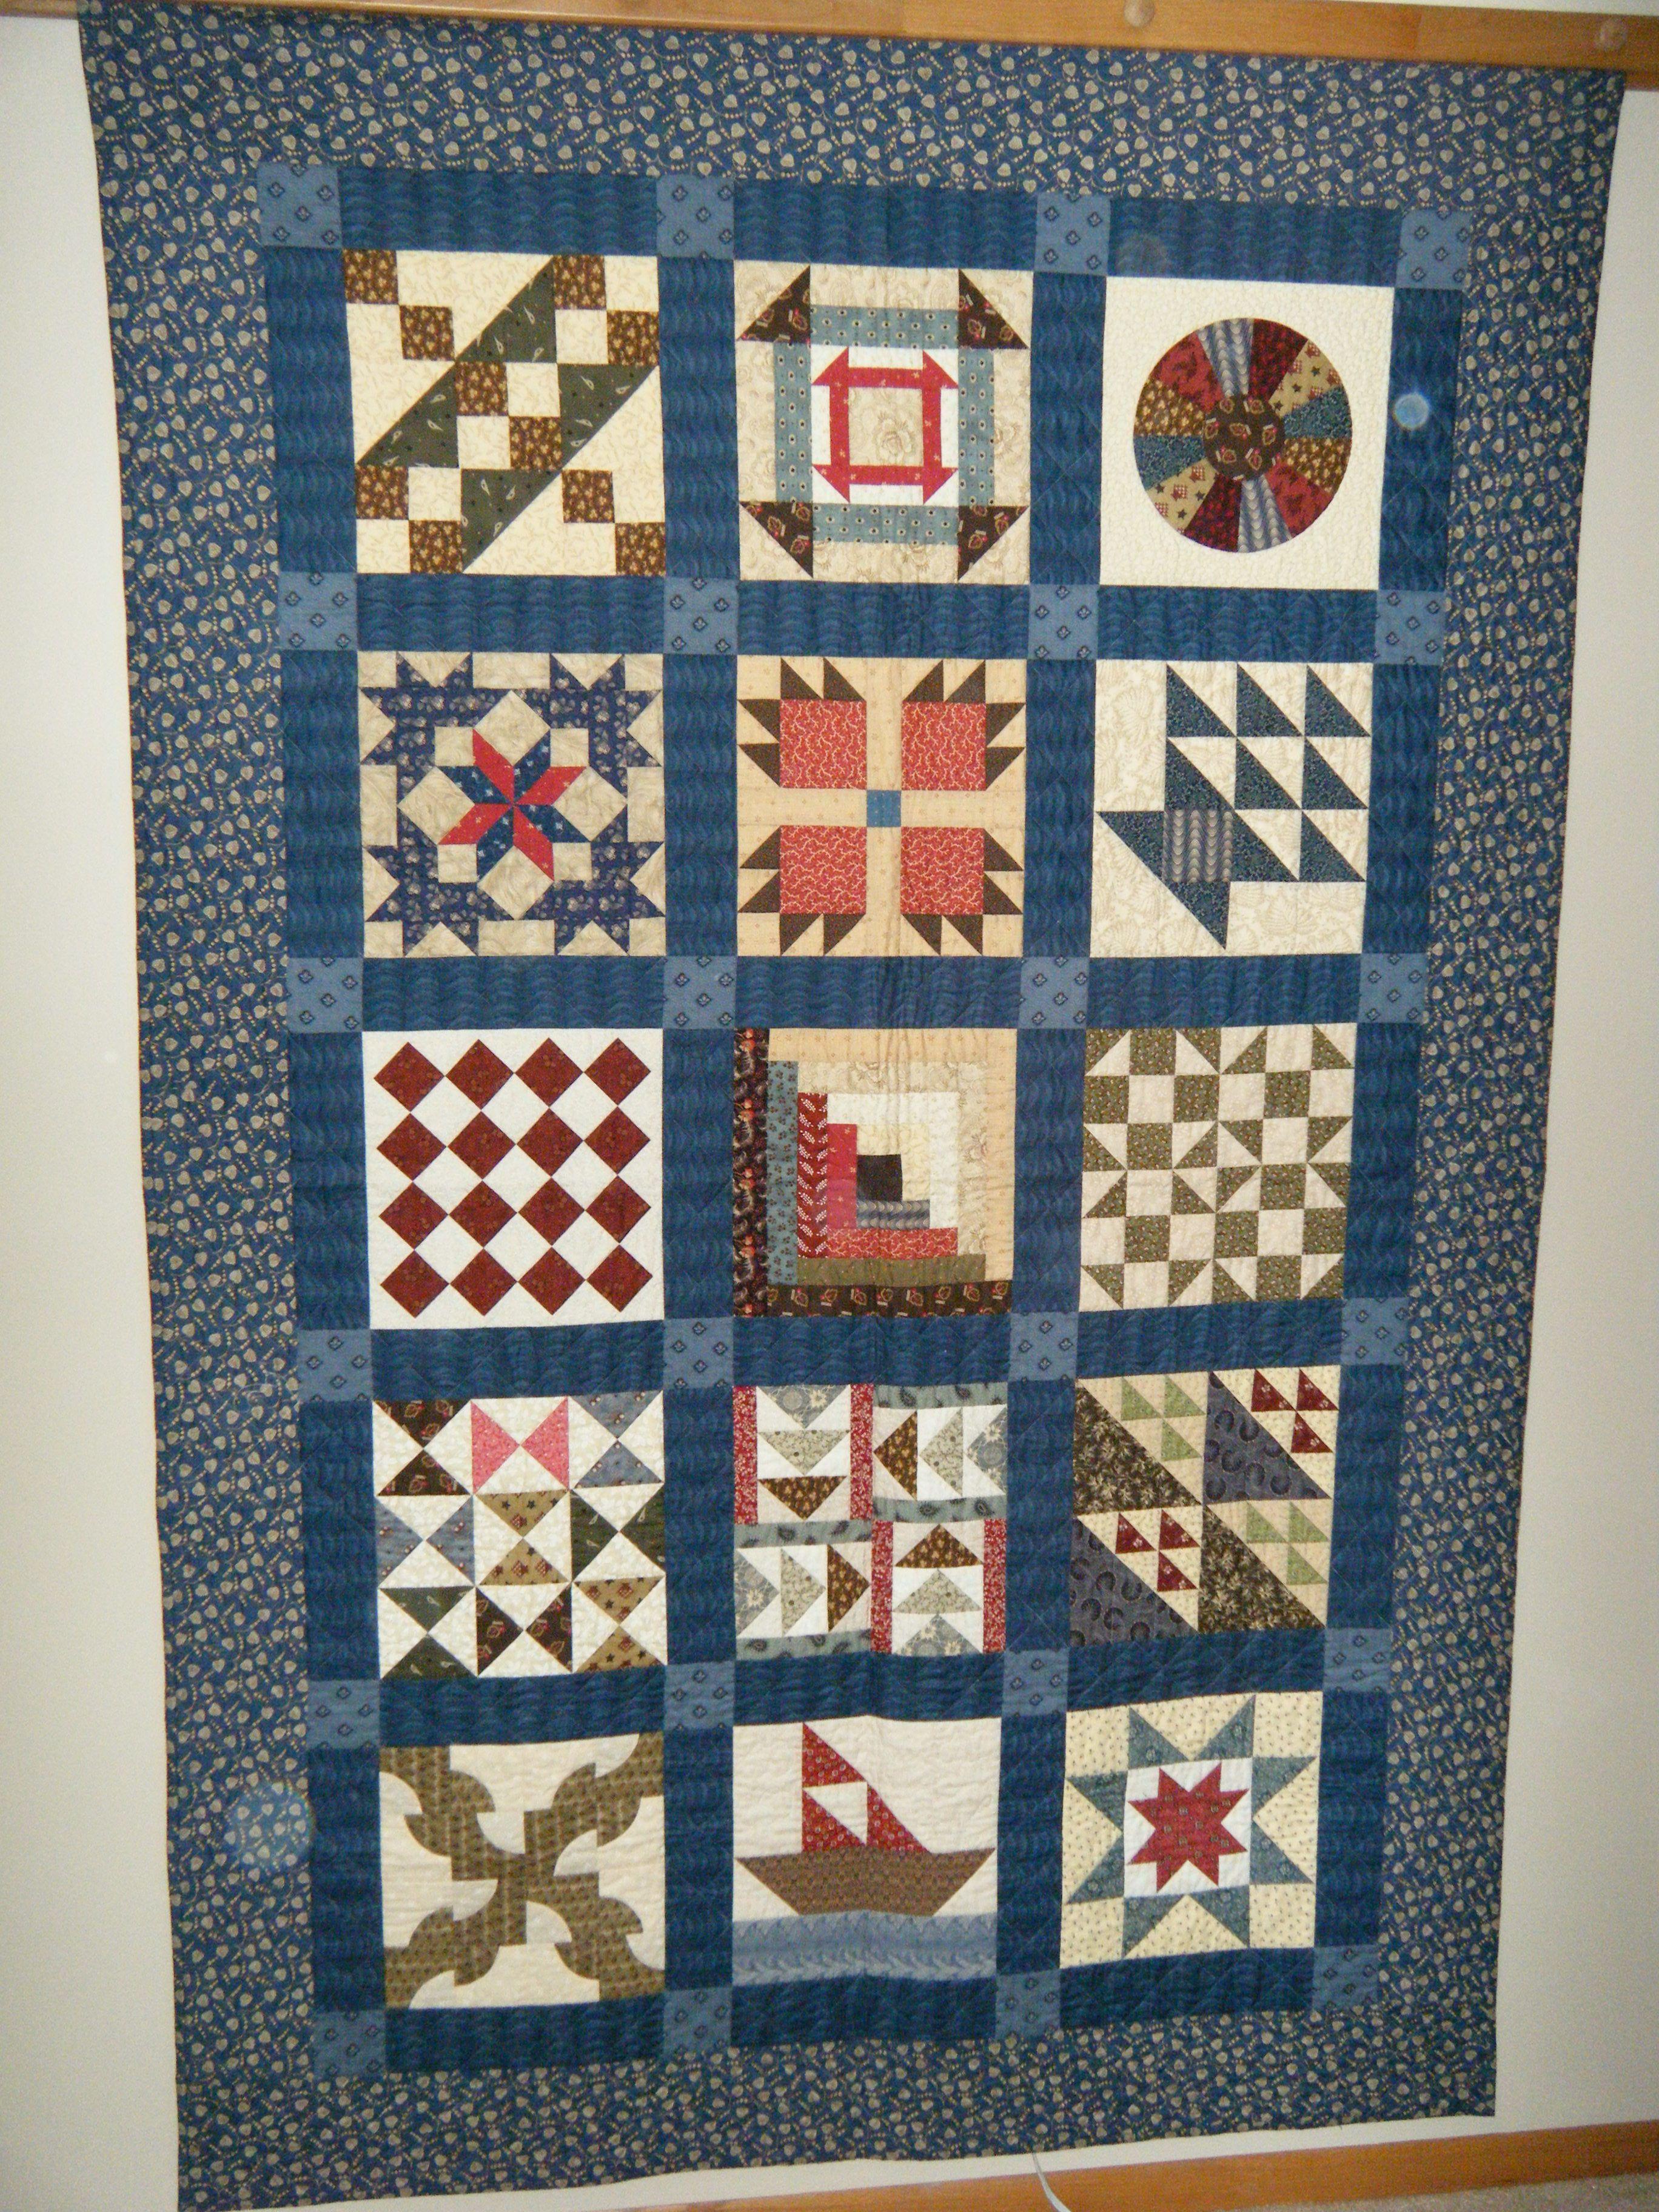 Underground Railroad Quilt Pattern by Eleanor Burns & Sue Bouchard ... : underground railroad quilt book - Adamdwight.com